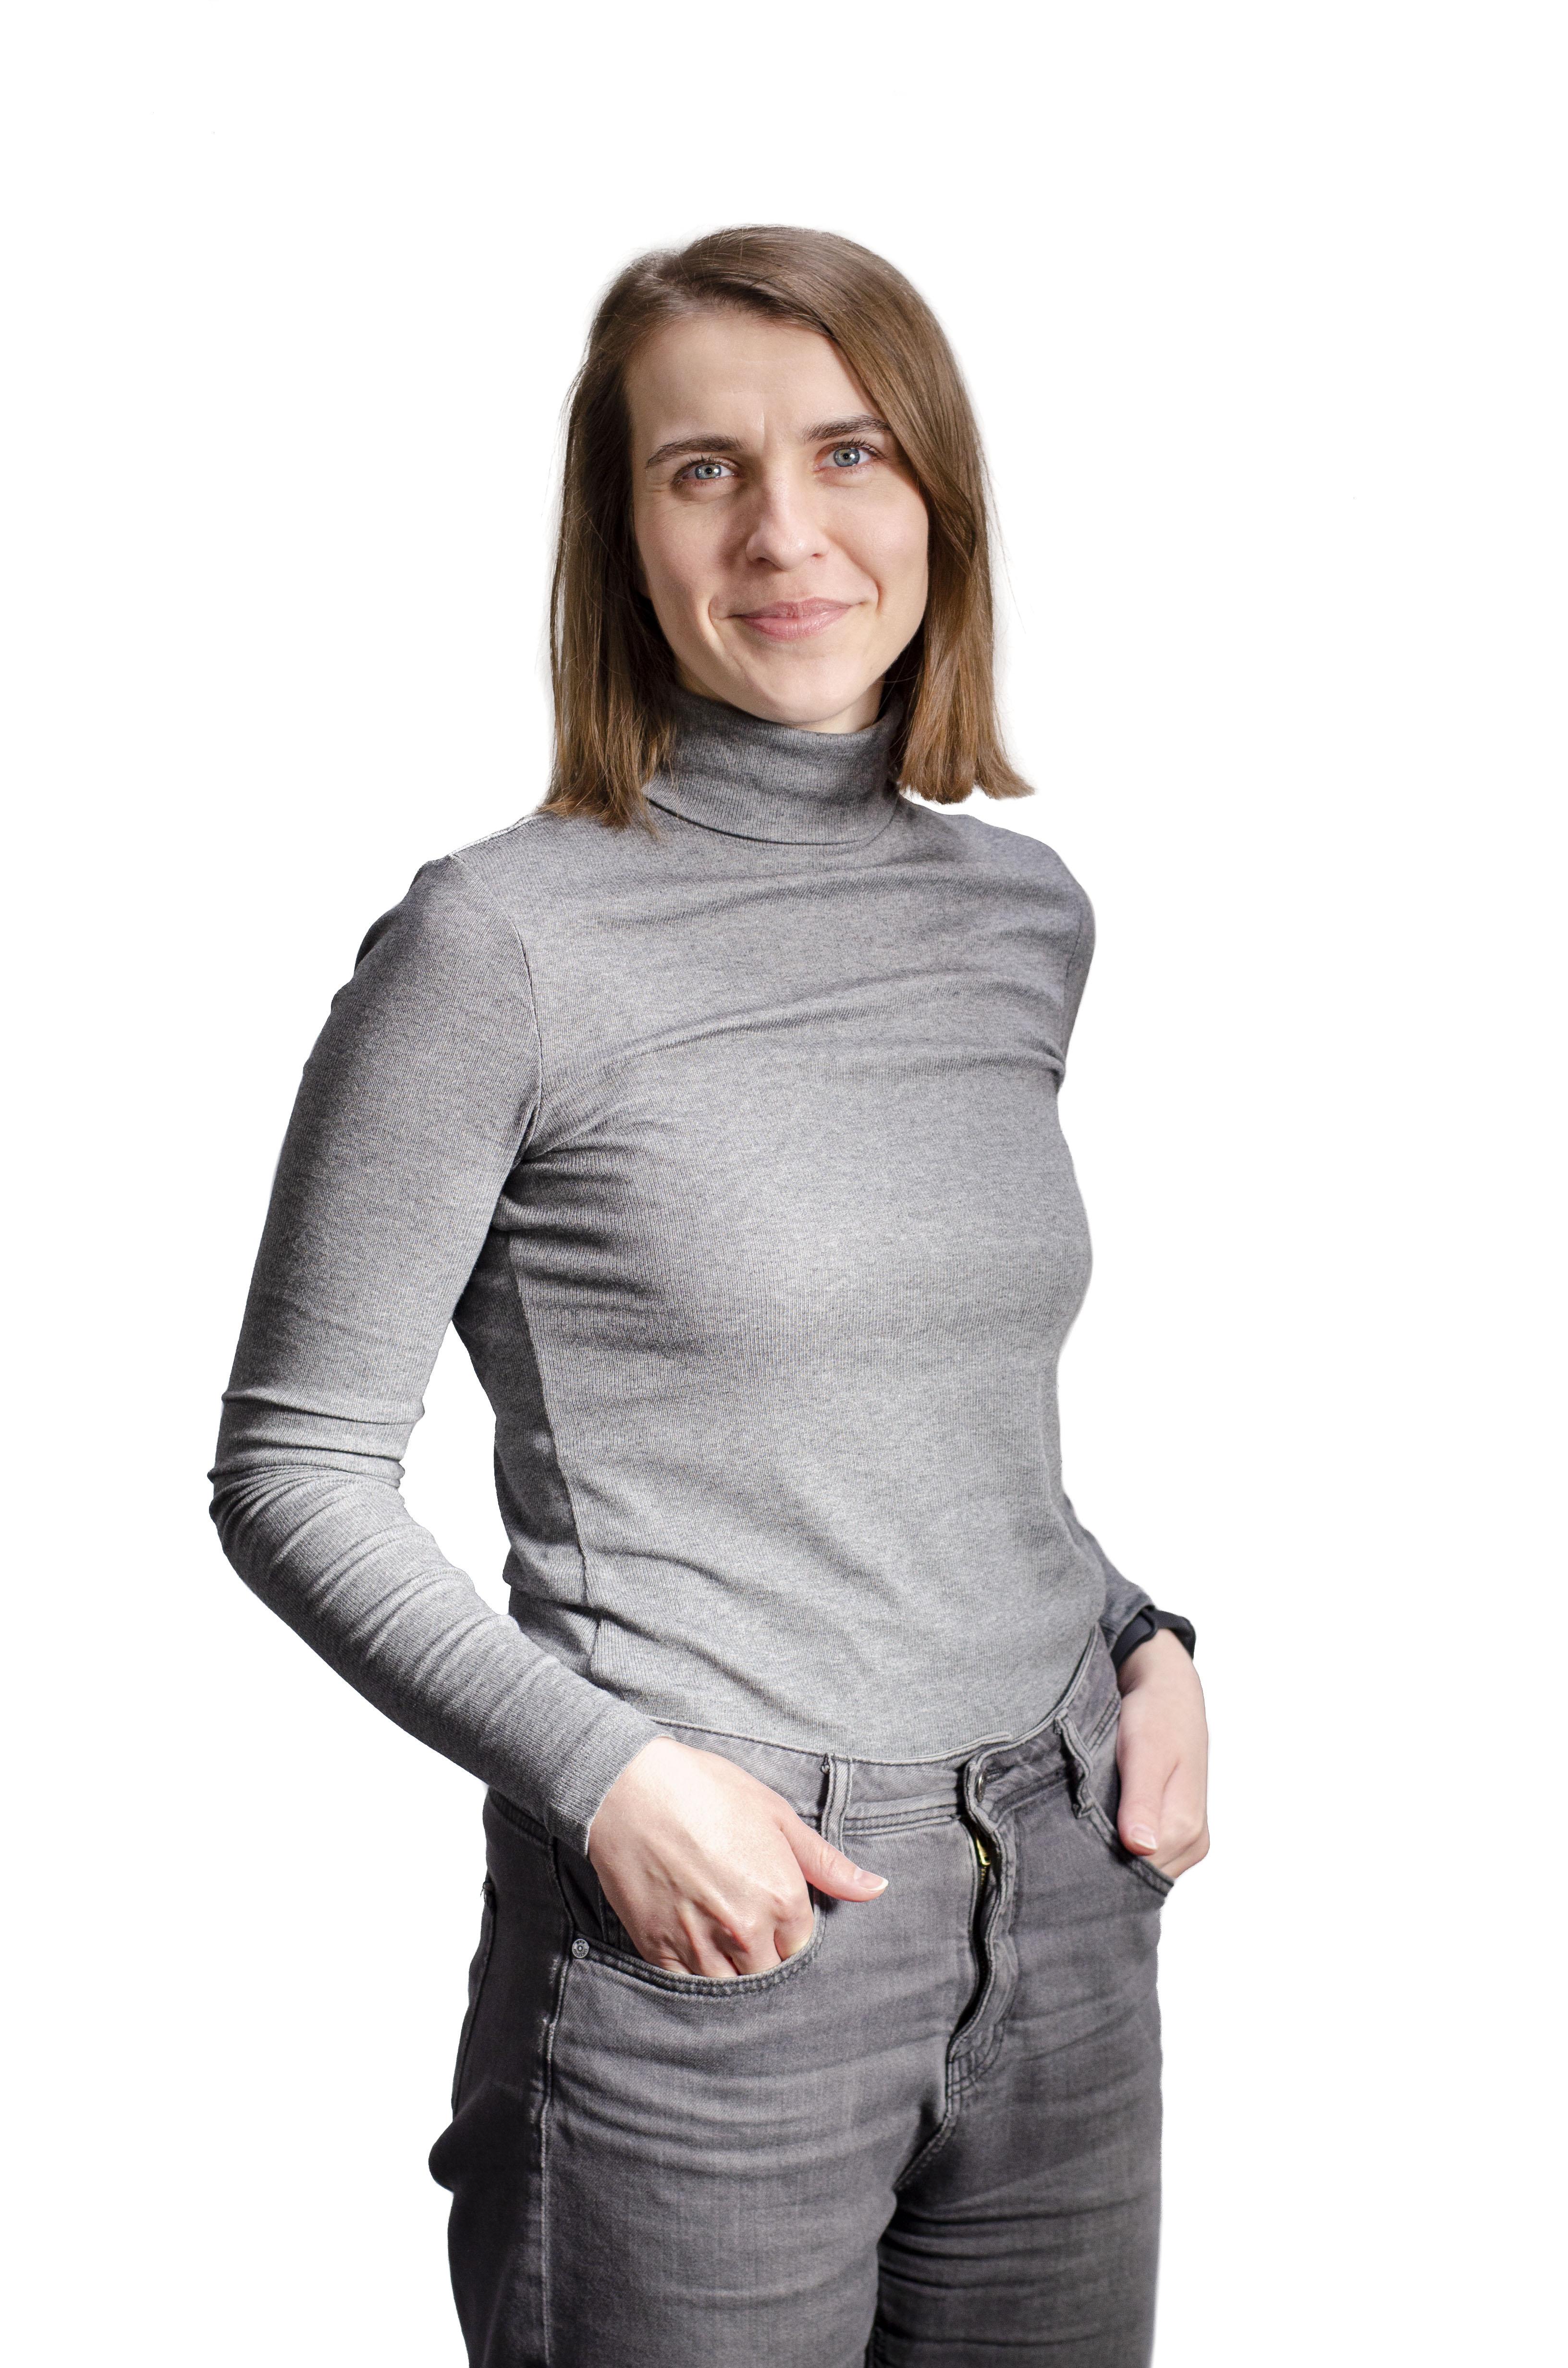 Ula Stankiewicz bio photo